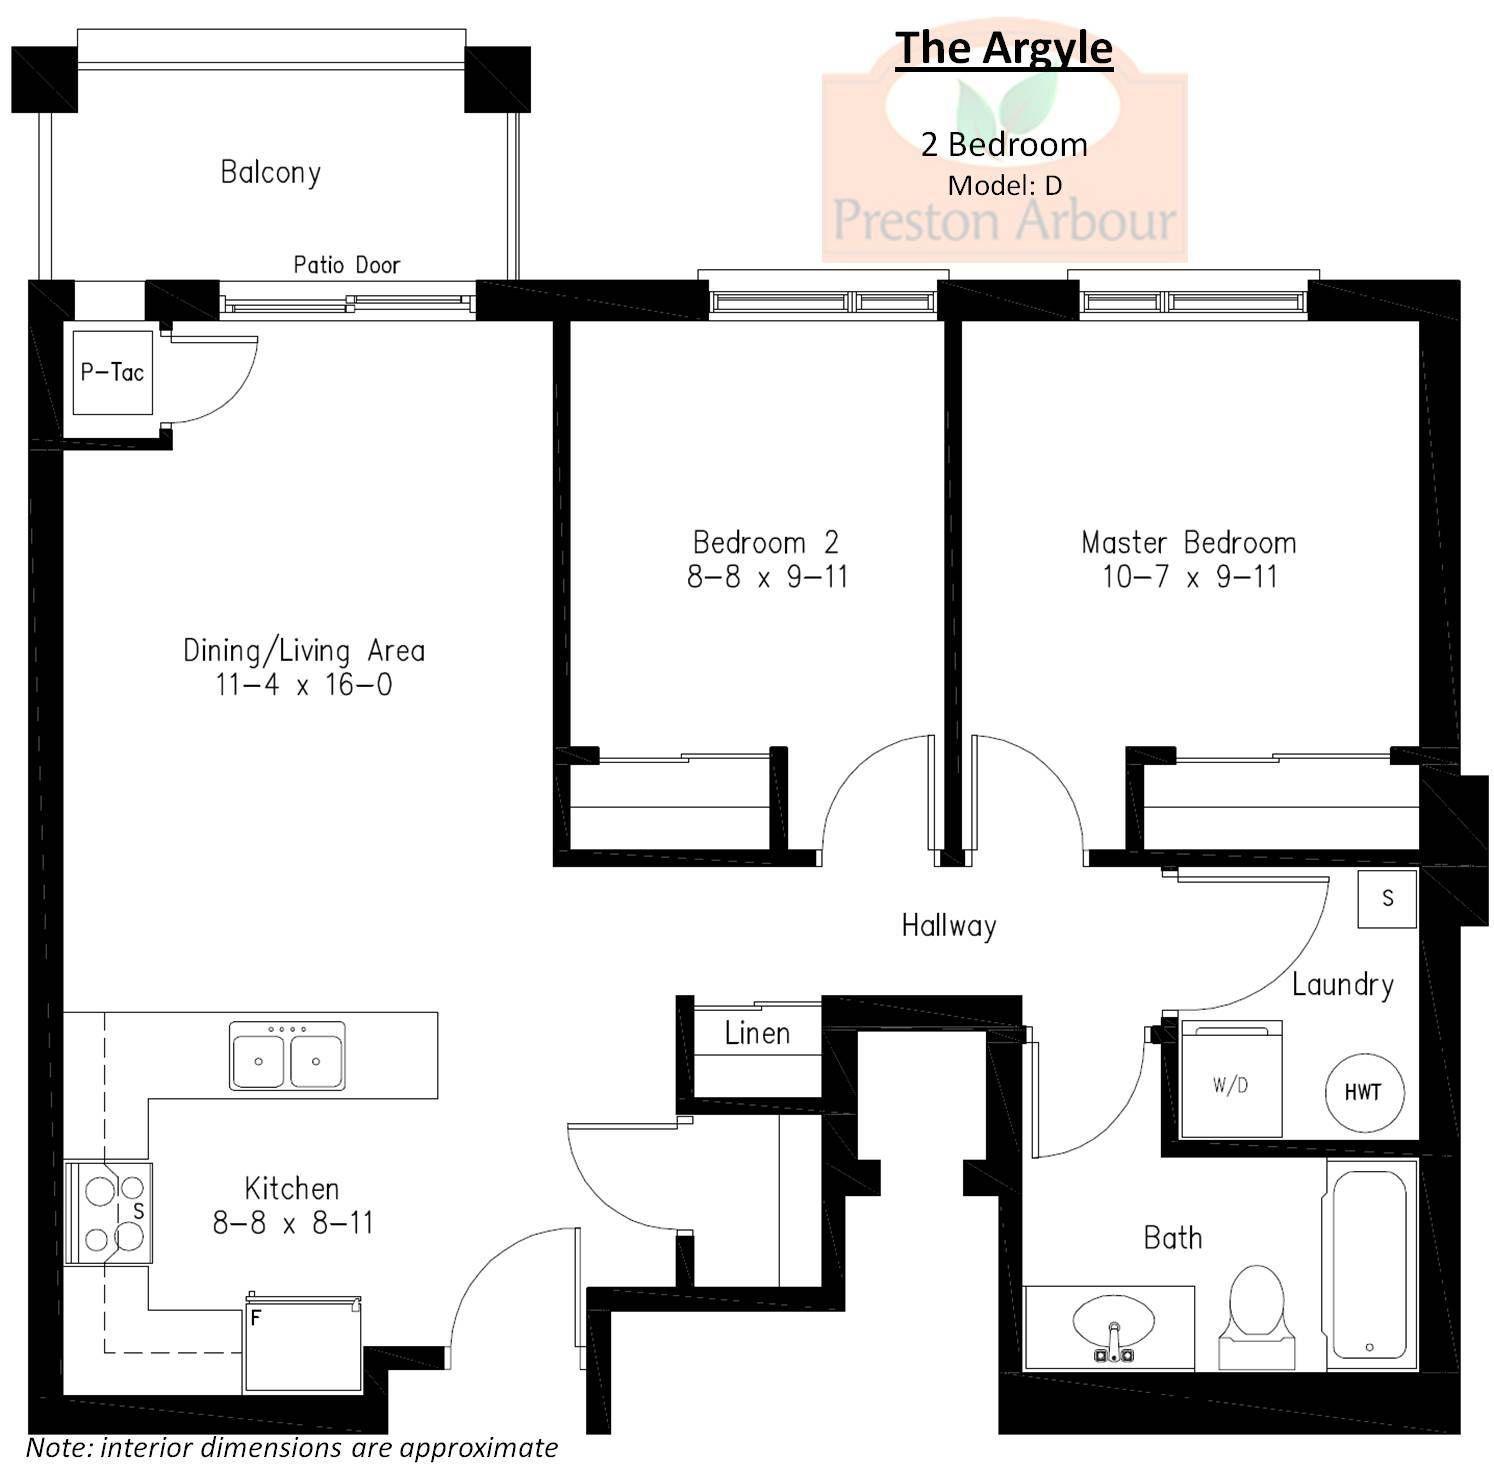 small resolution of online house design floor plans house garage wiring diagram online garage design software garage design ideas